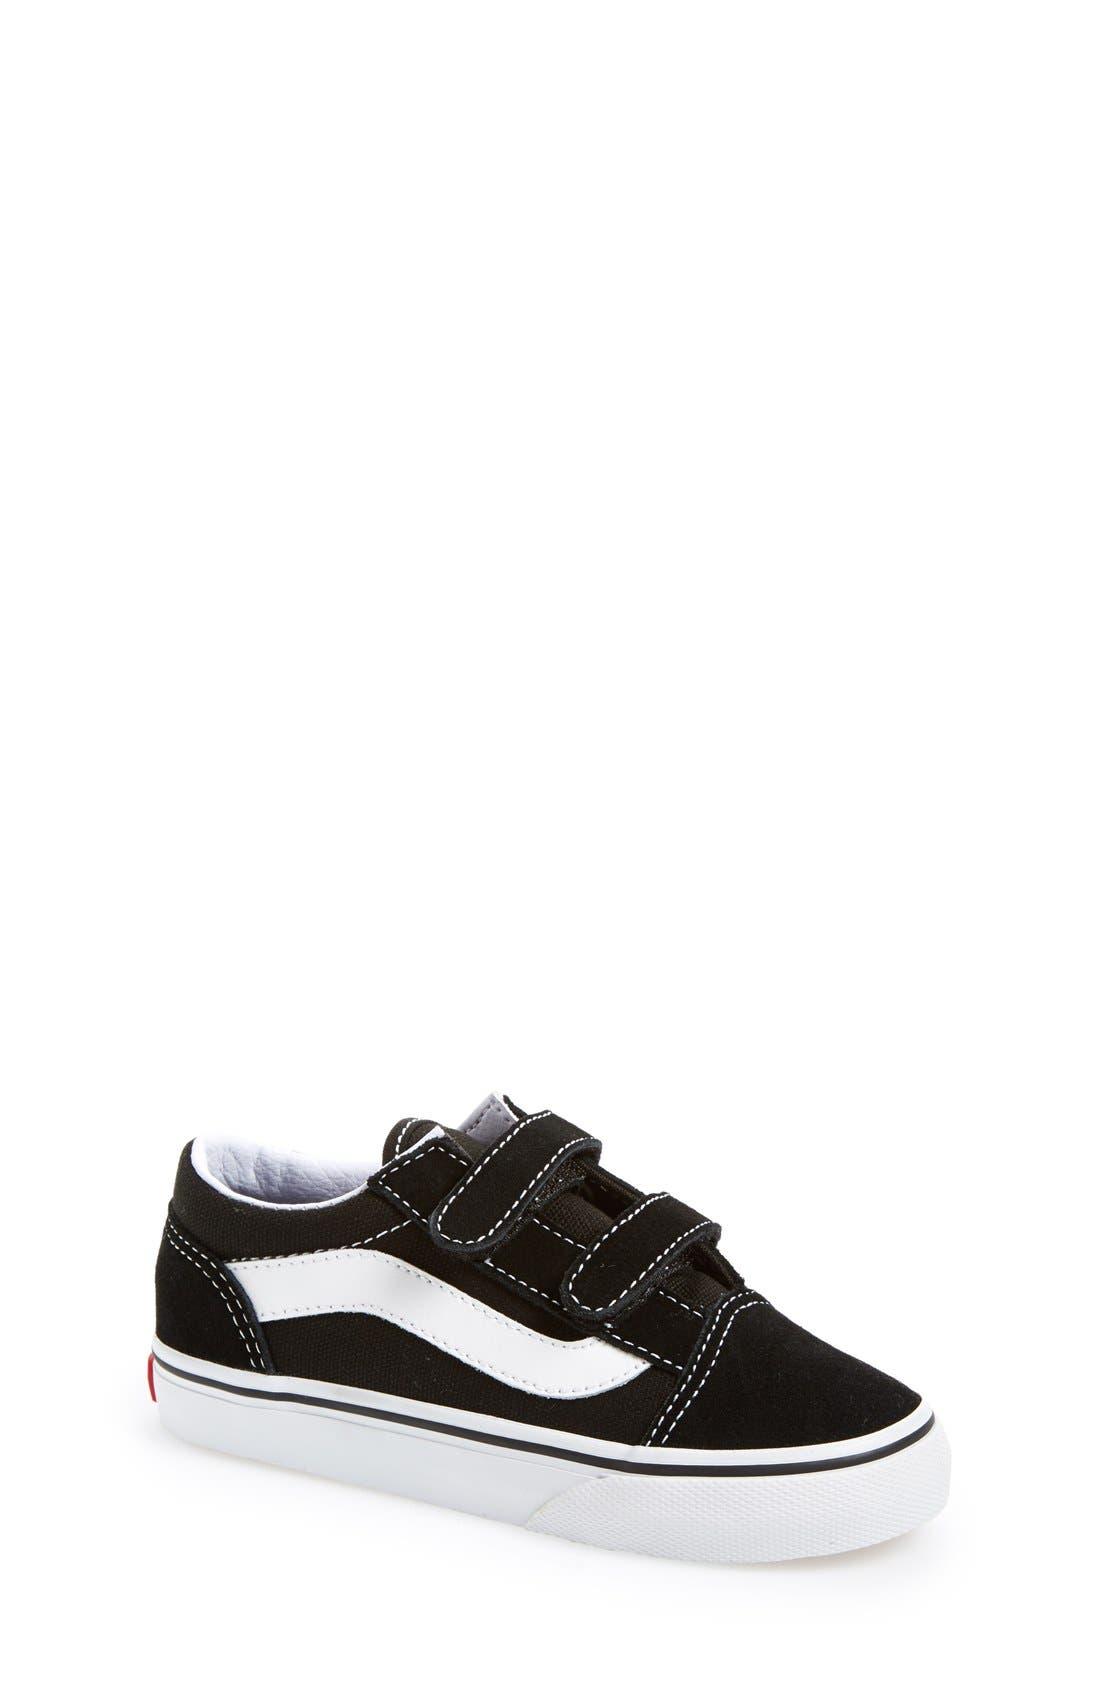 Alternate Image 1 Selected - Vans 'Old Skool' Sneaker (Baby, Walker & Toddler)